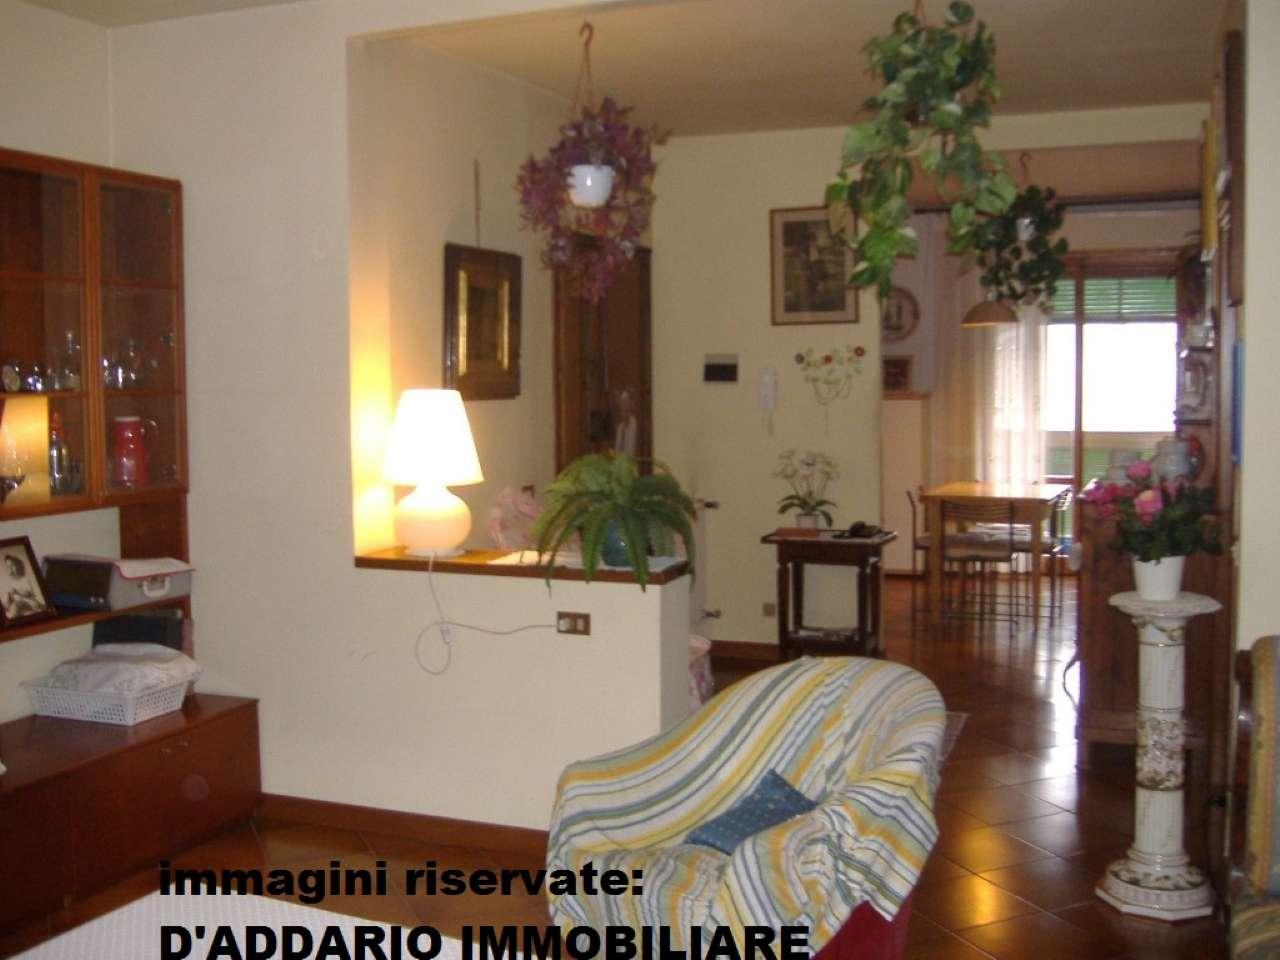 Sesto fiorentino - A due passi dal Parco del Neto appartamento con 3 camere 2 bagni